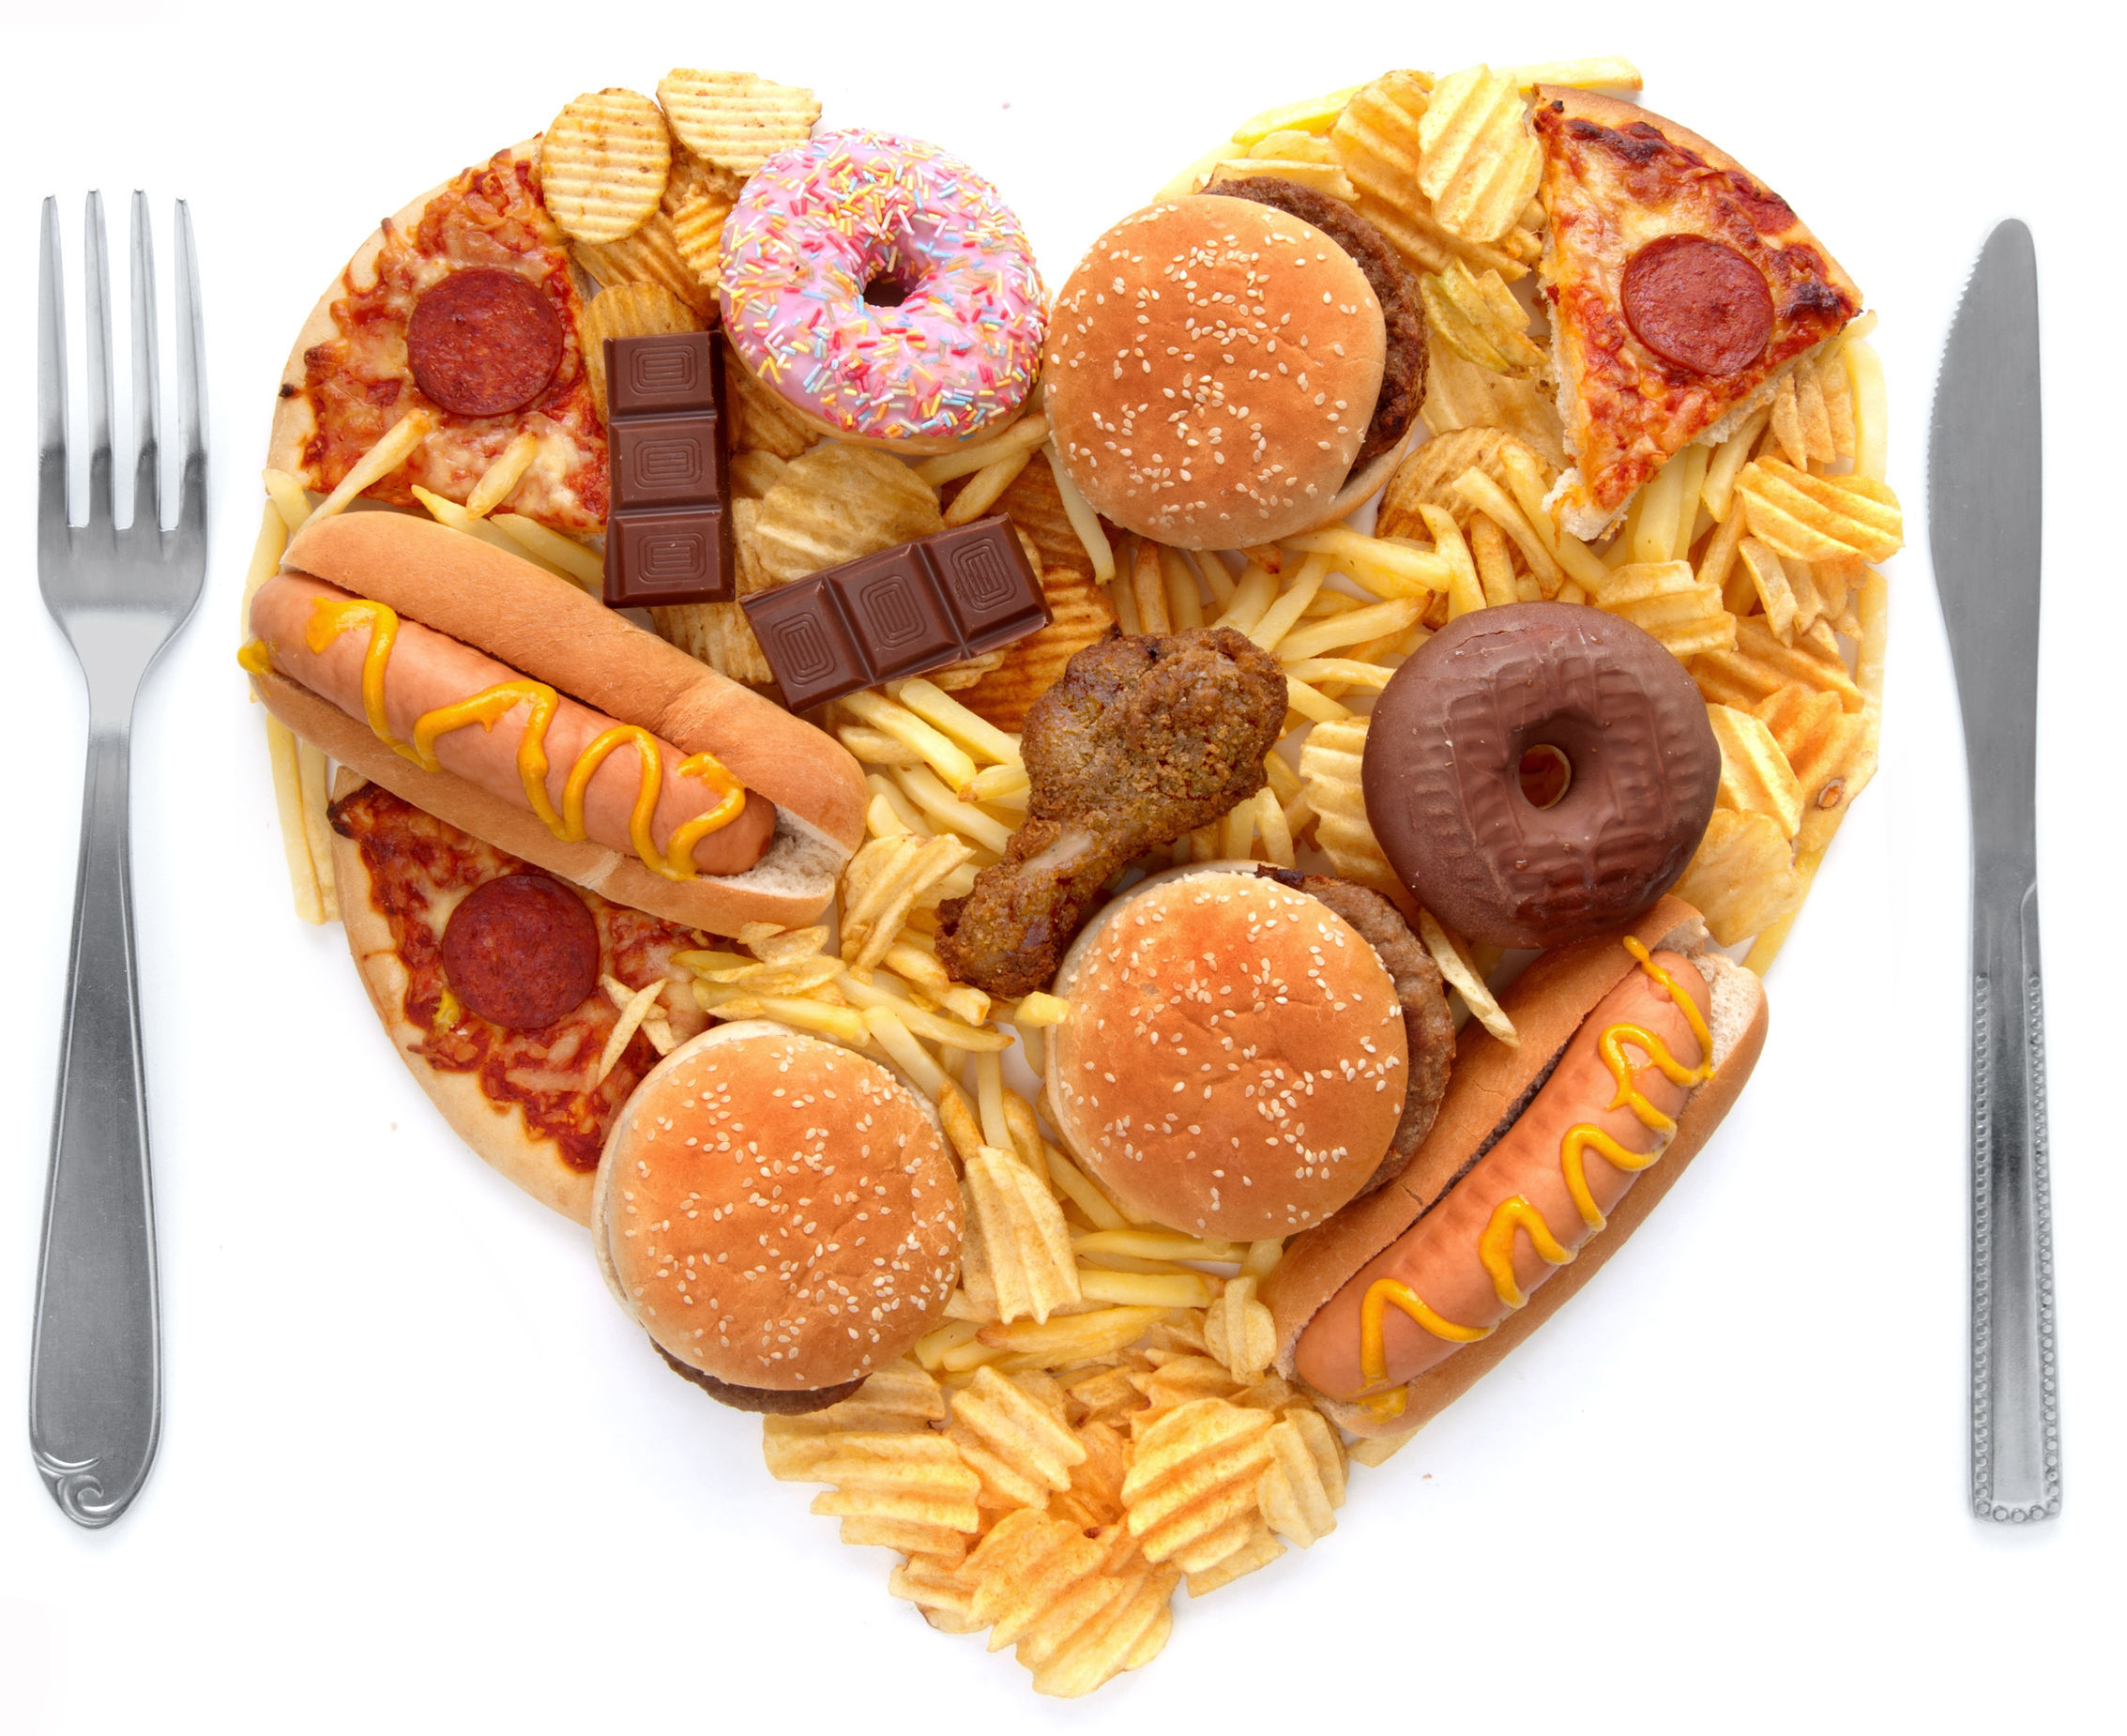 Oamenii de ştiinţă spun că acest aliment creează cea mai mare dependenţă